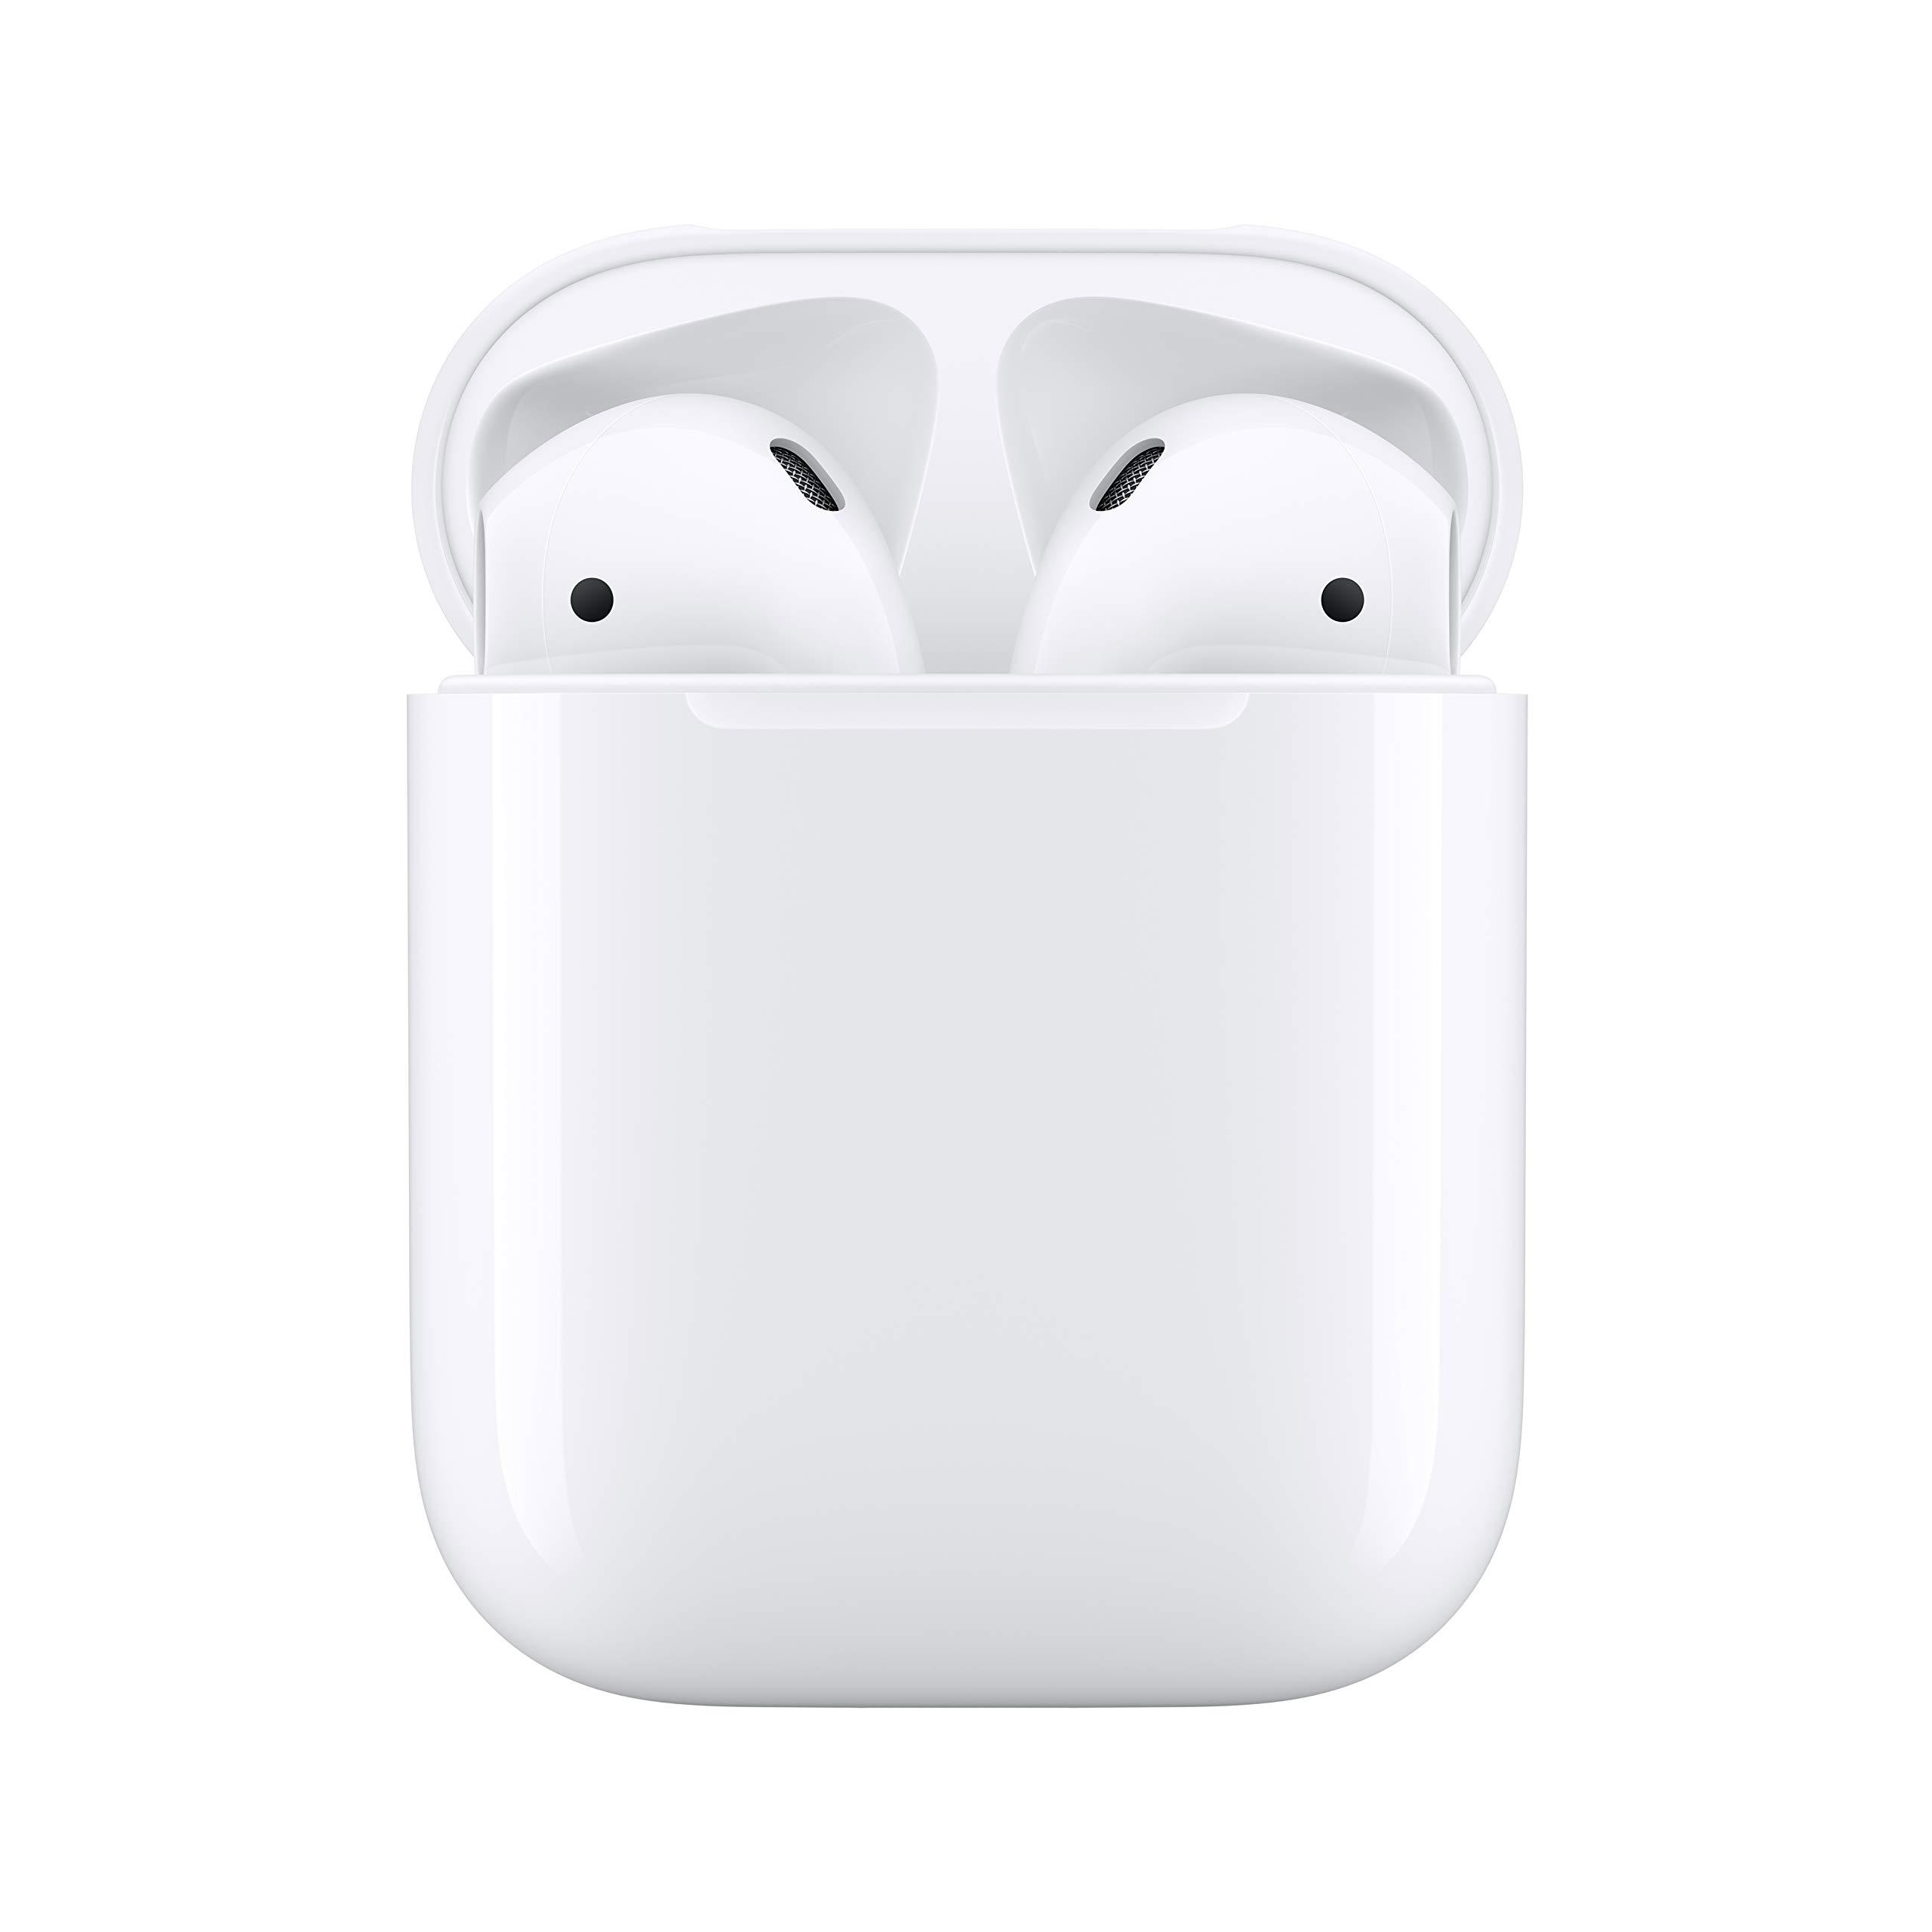 Apple AirPods mit kabelgebundenem Ladecase Bild